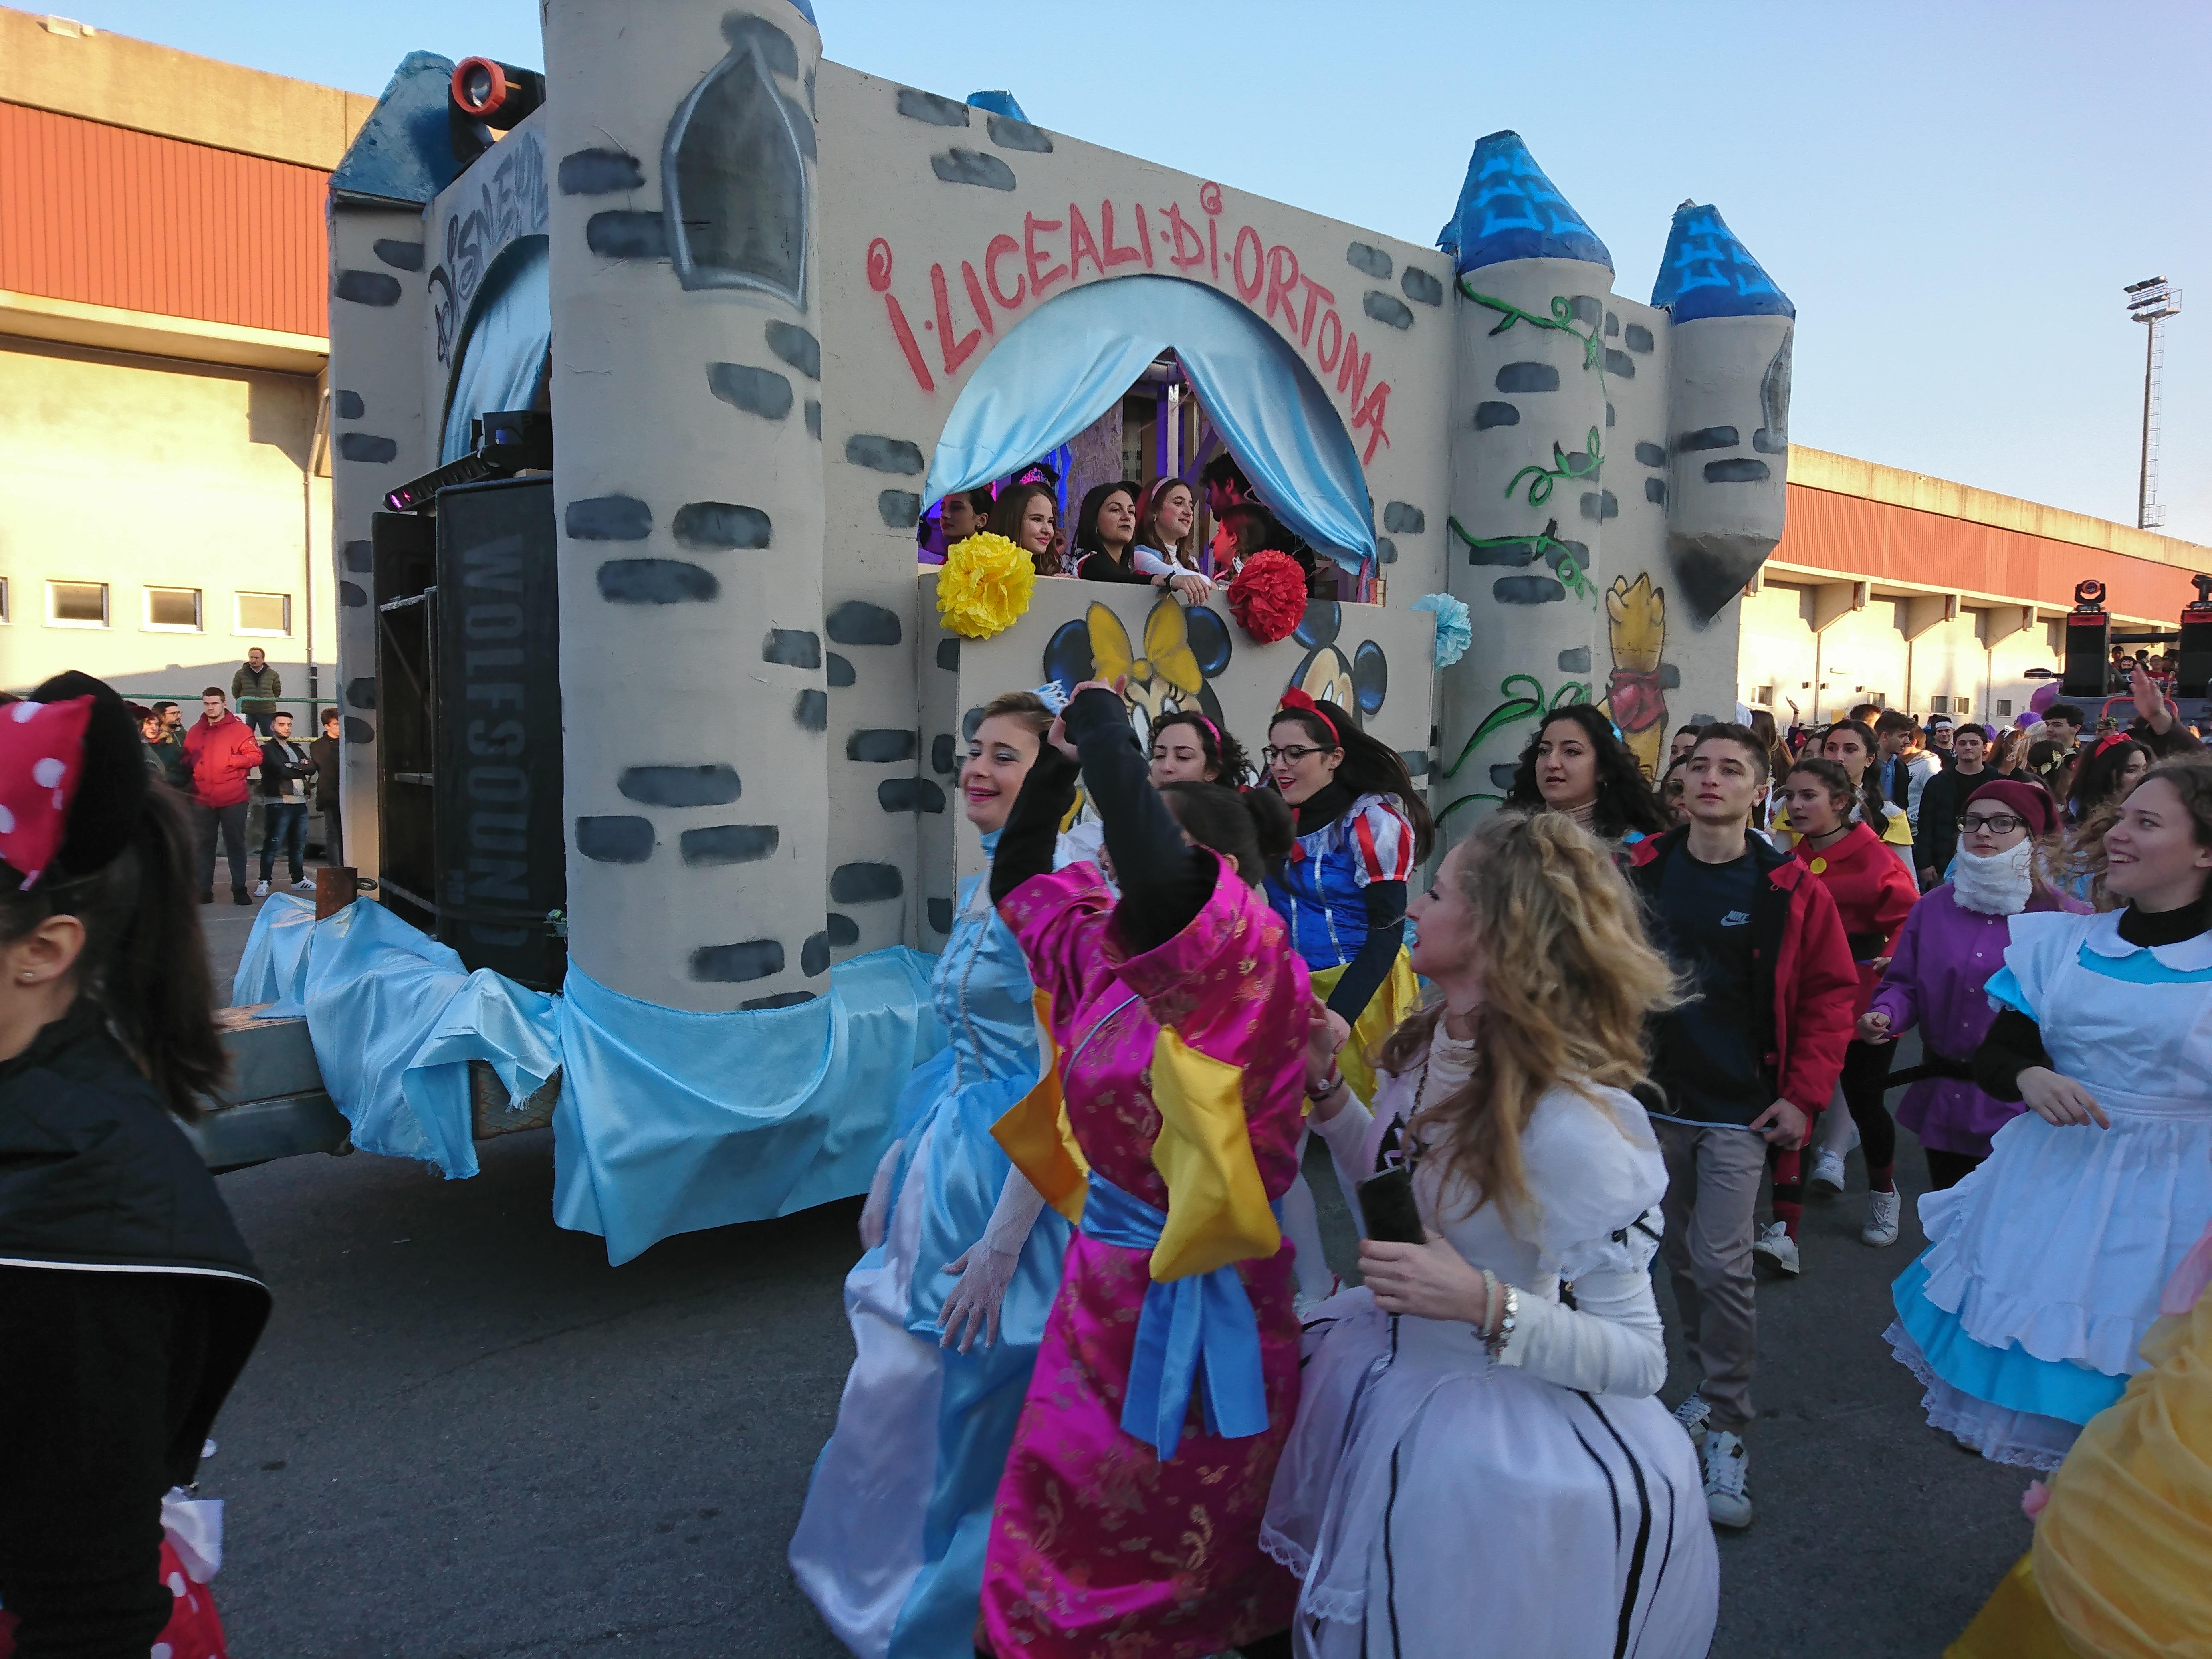 Pubblicato l'avviso di partecipazione al Carnevale ortonese